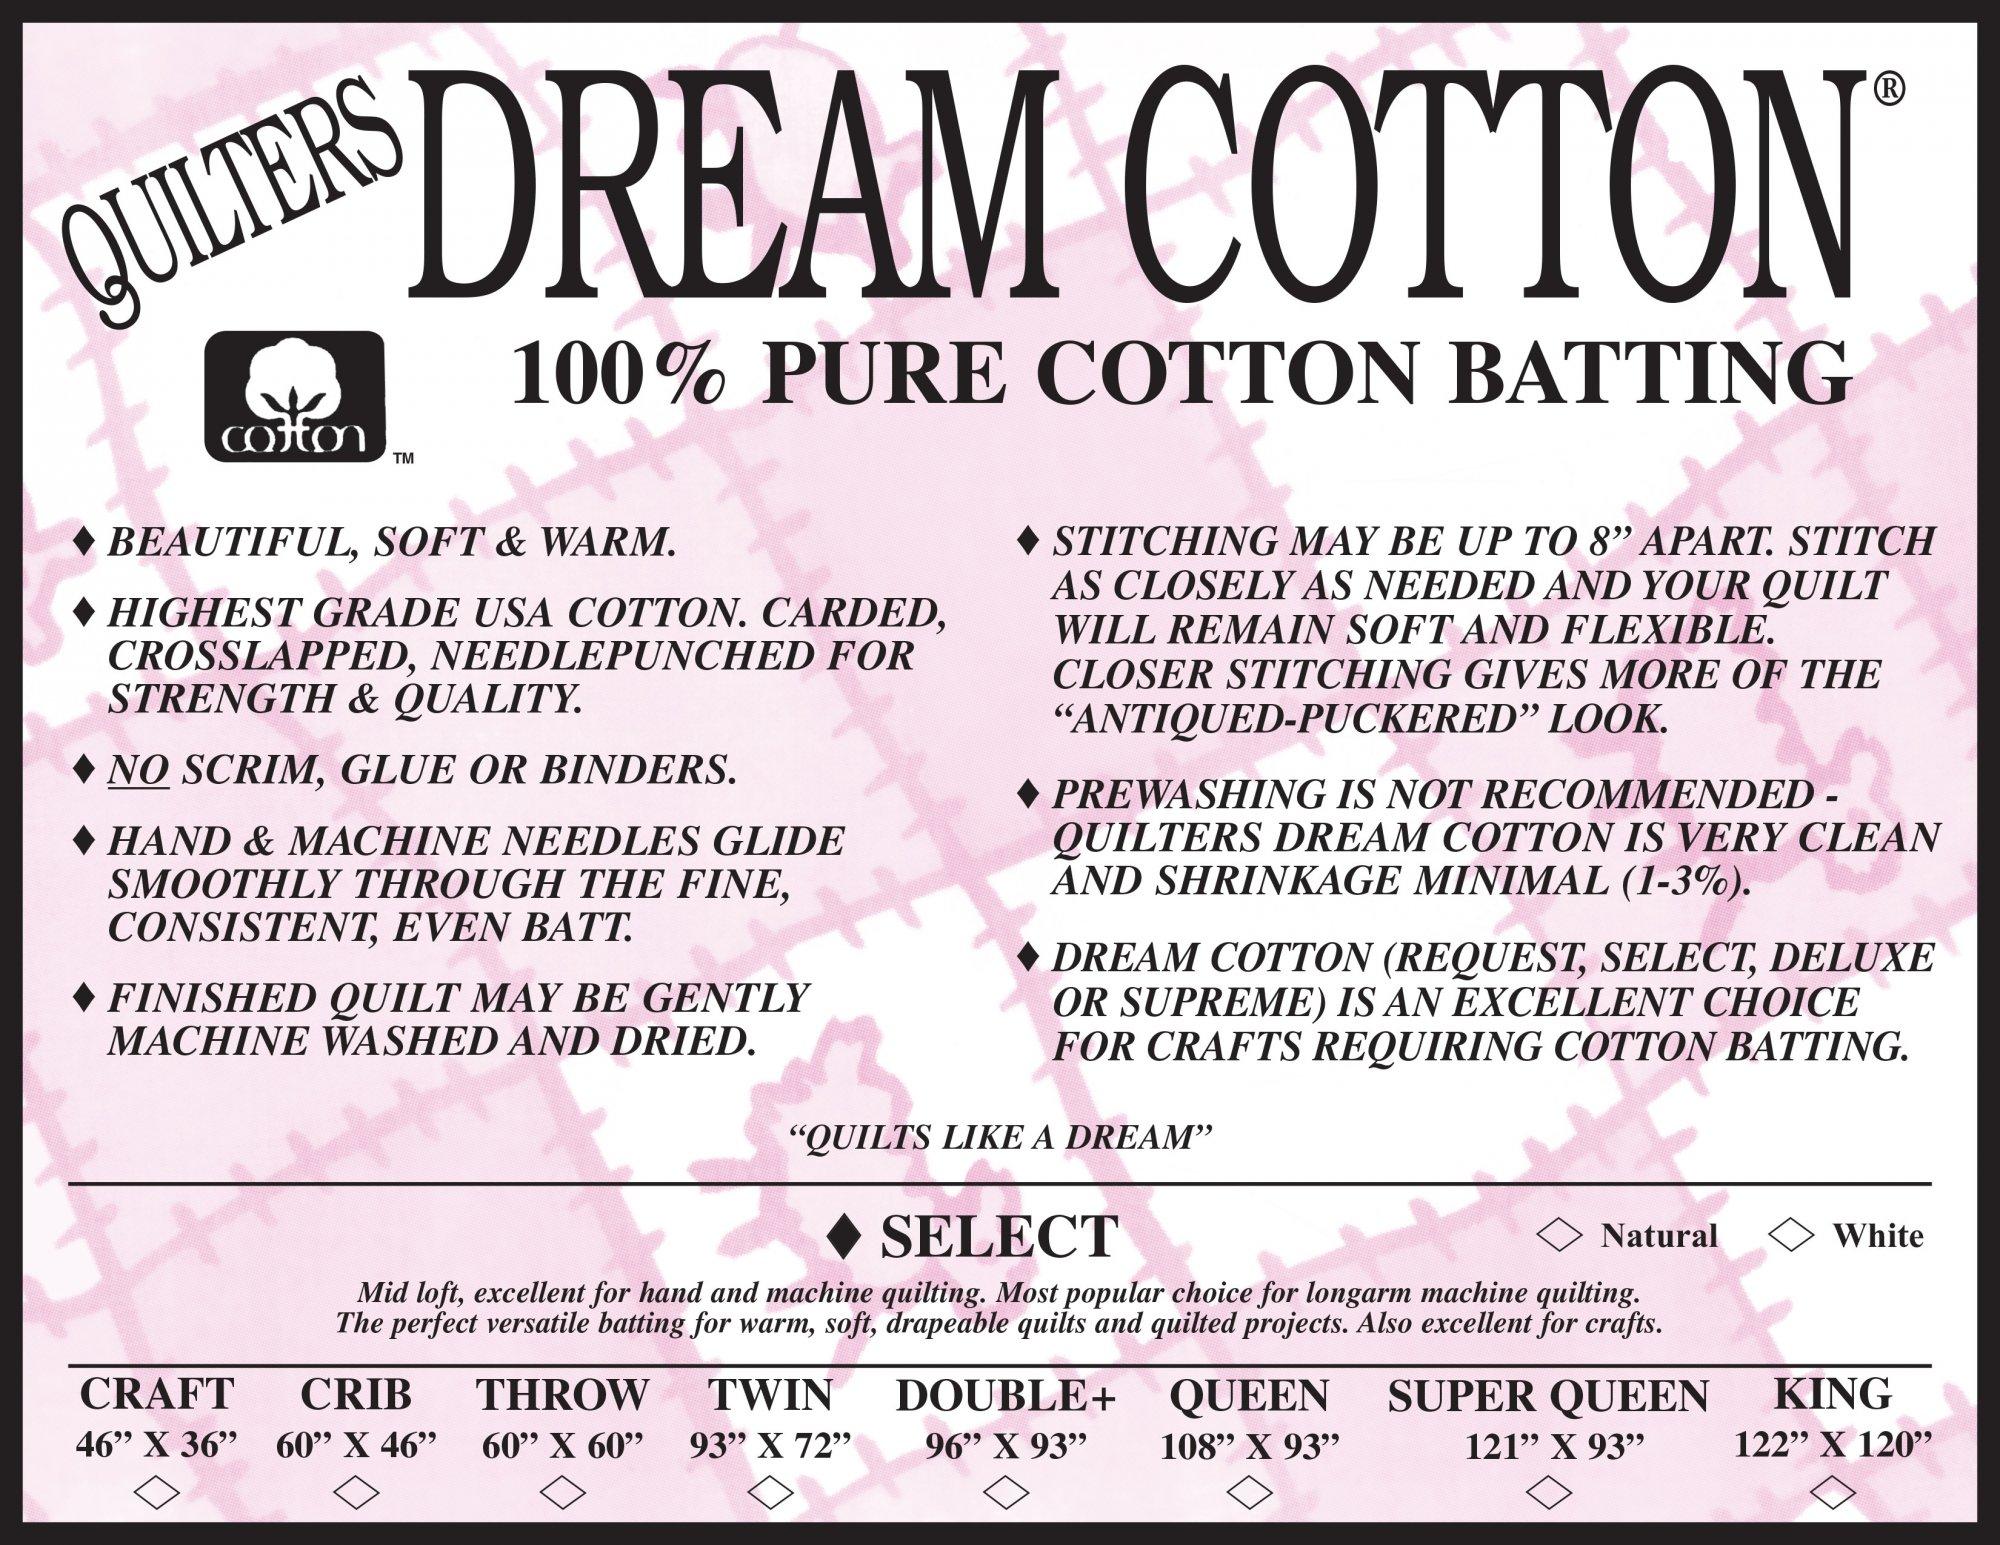 Quilters Dream Batting